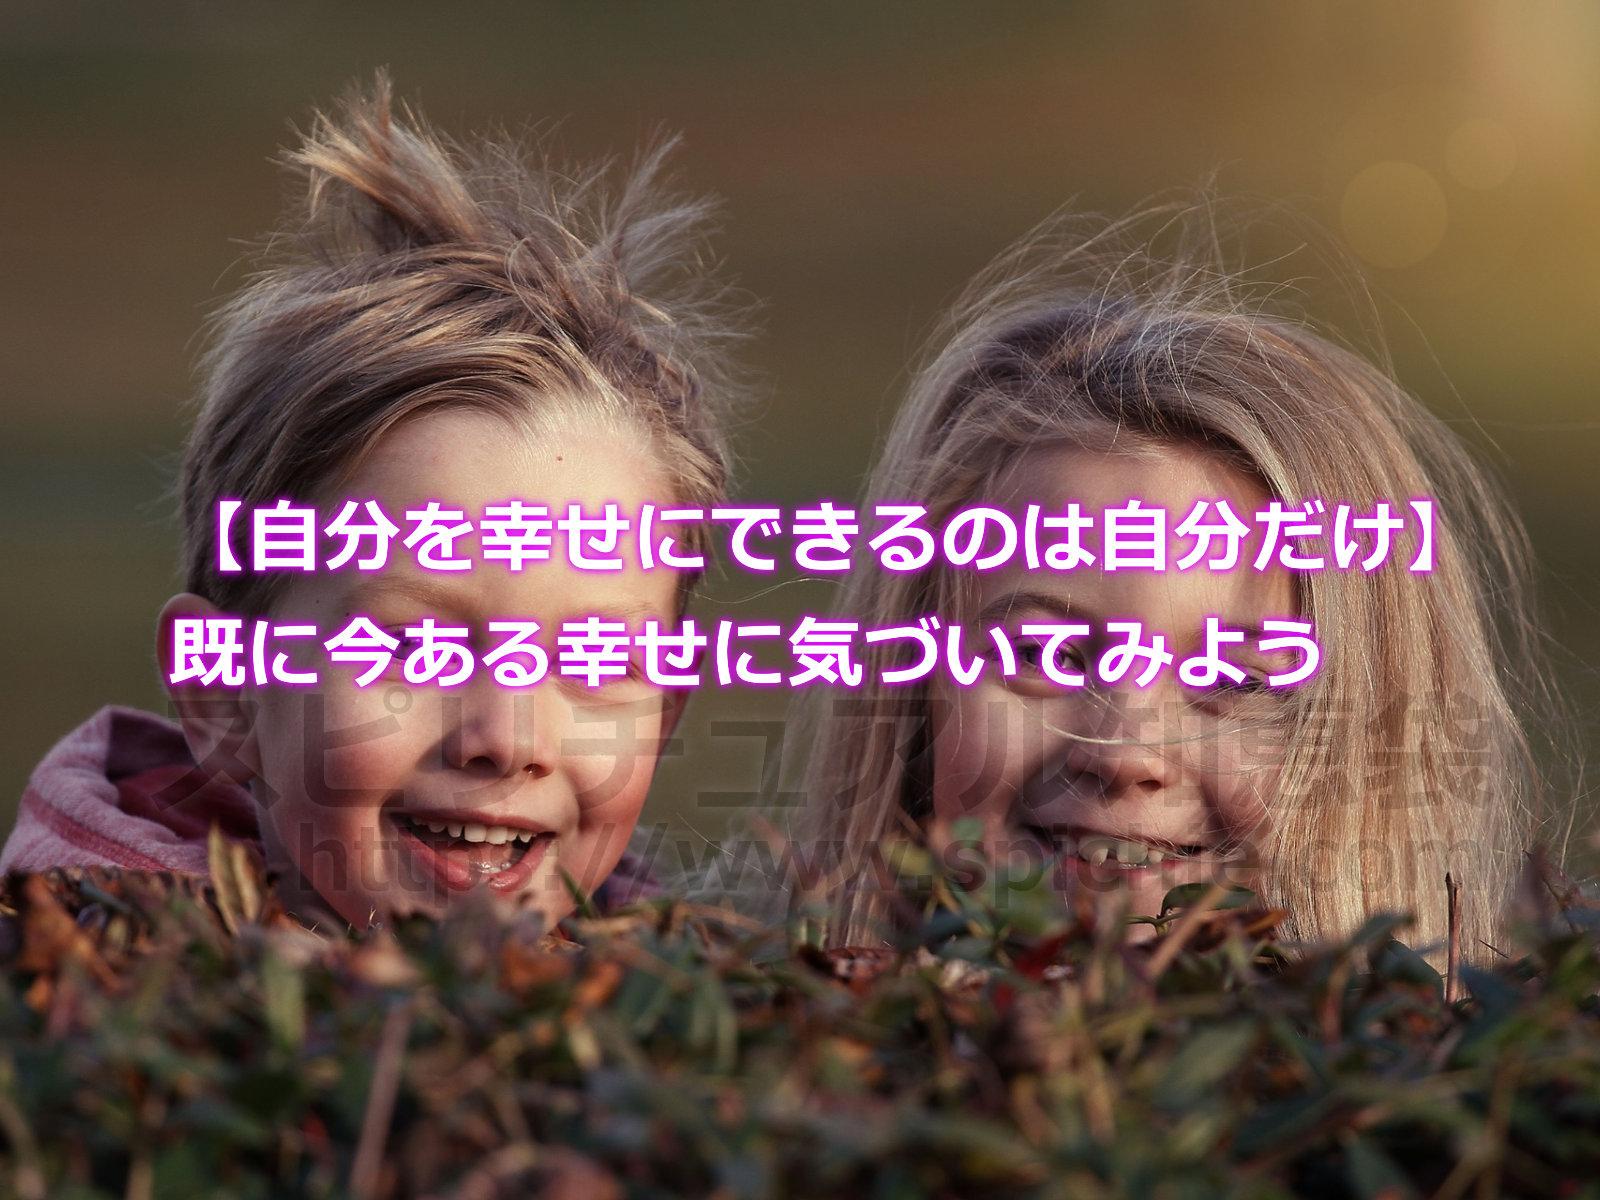 【自分を幸せにできるのは自分だけ】既に今ある幸せに気づいてみようのアイキャッチ画像